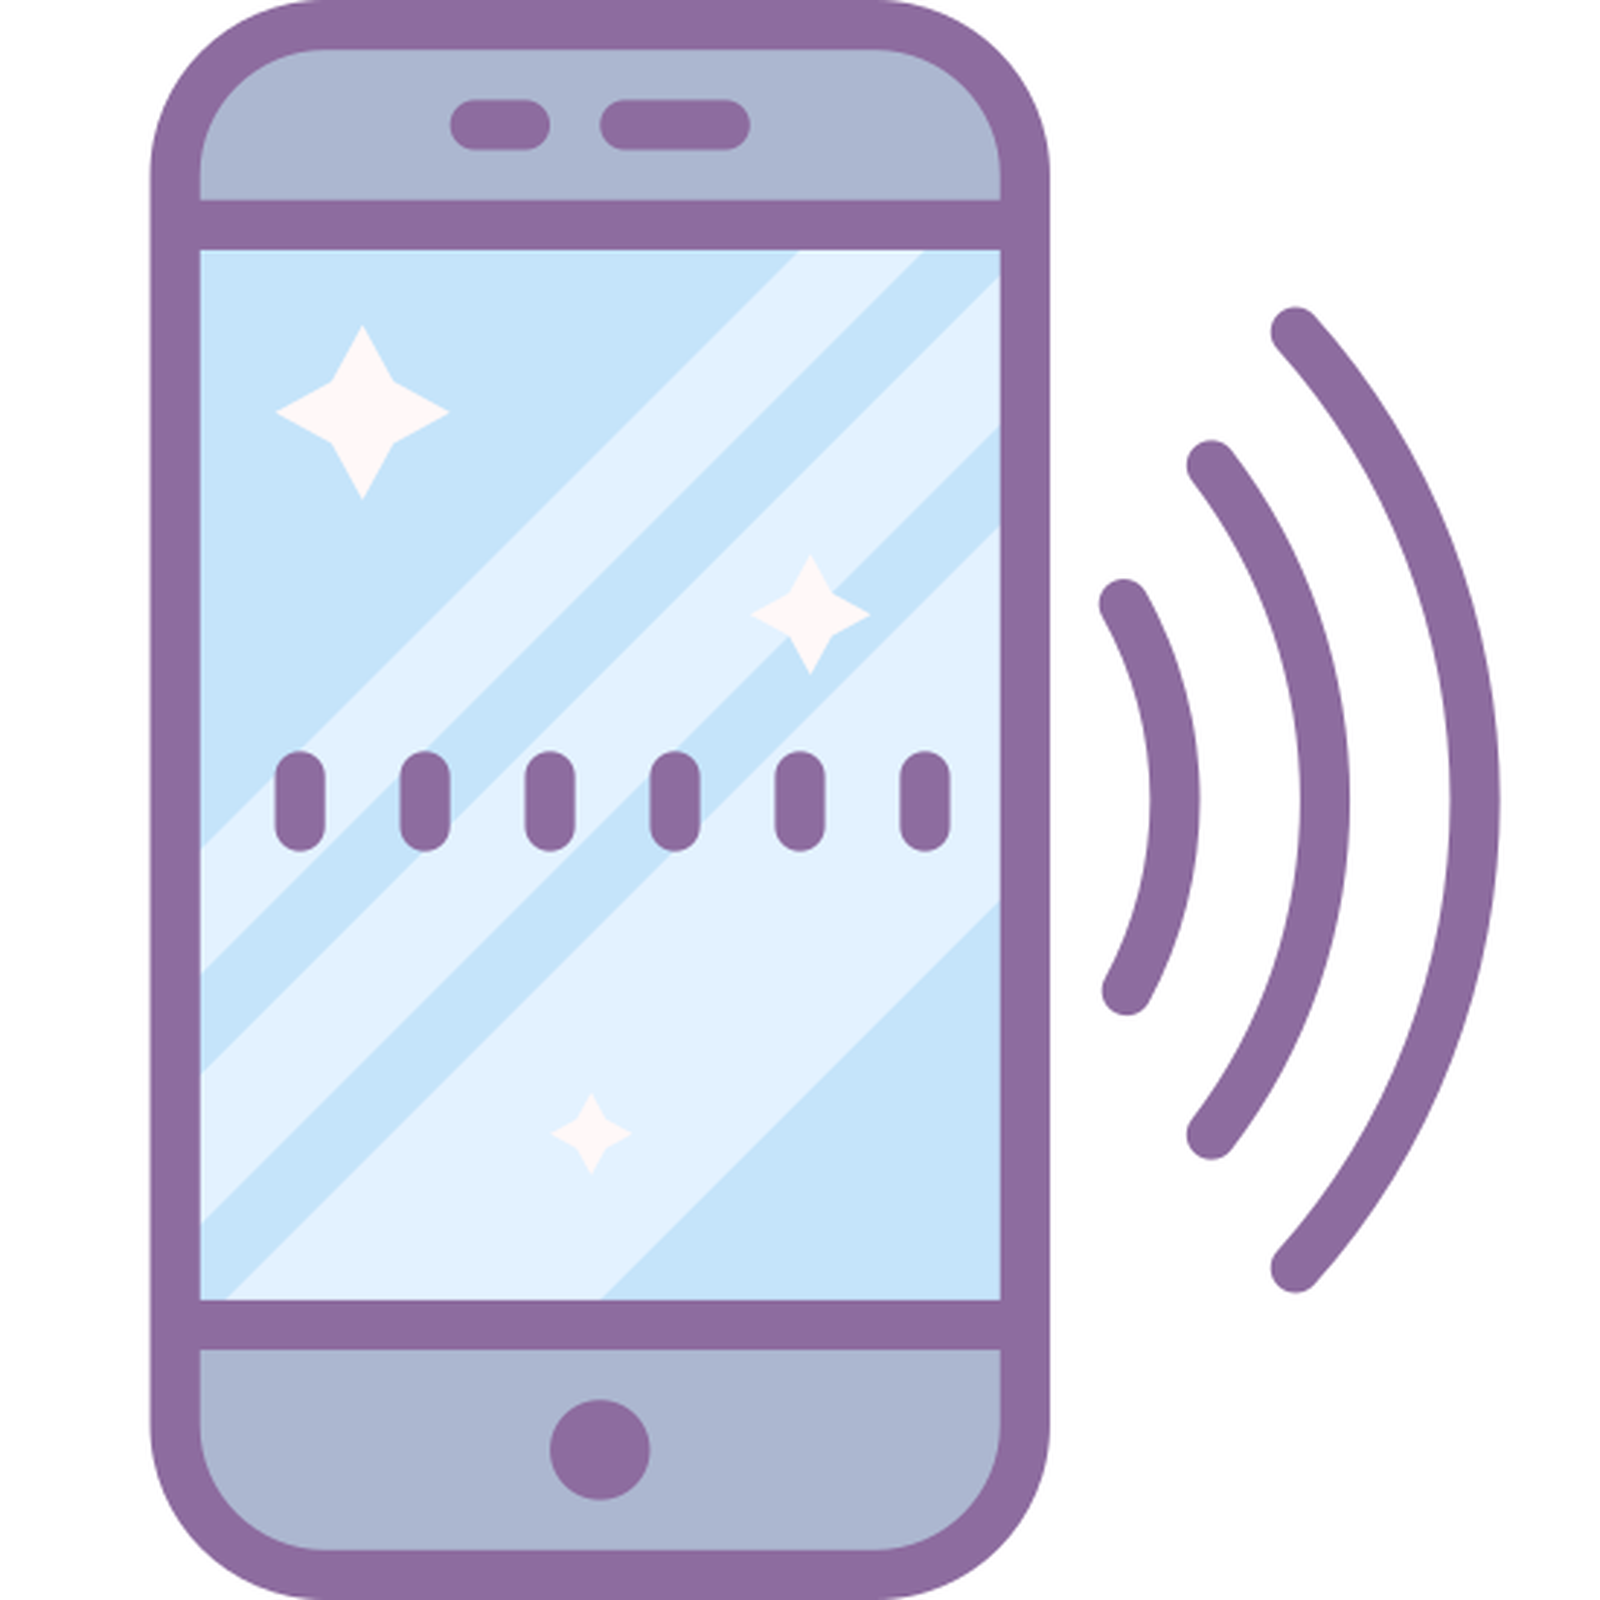 Dzwonek Phonelink icon